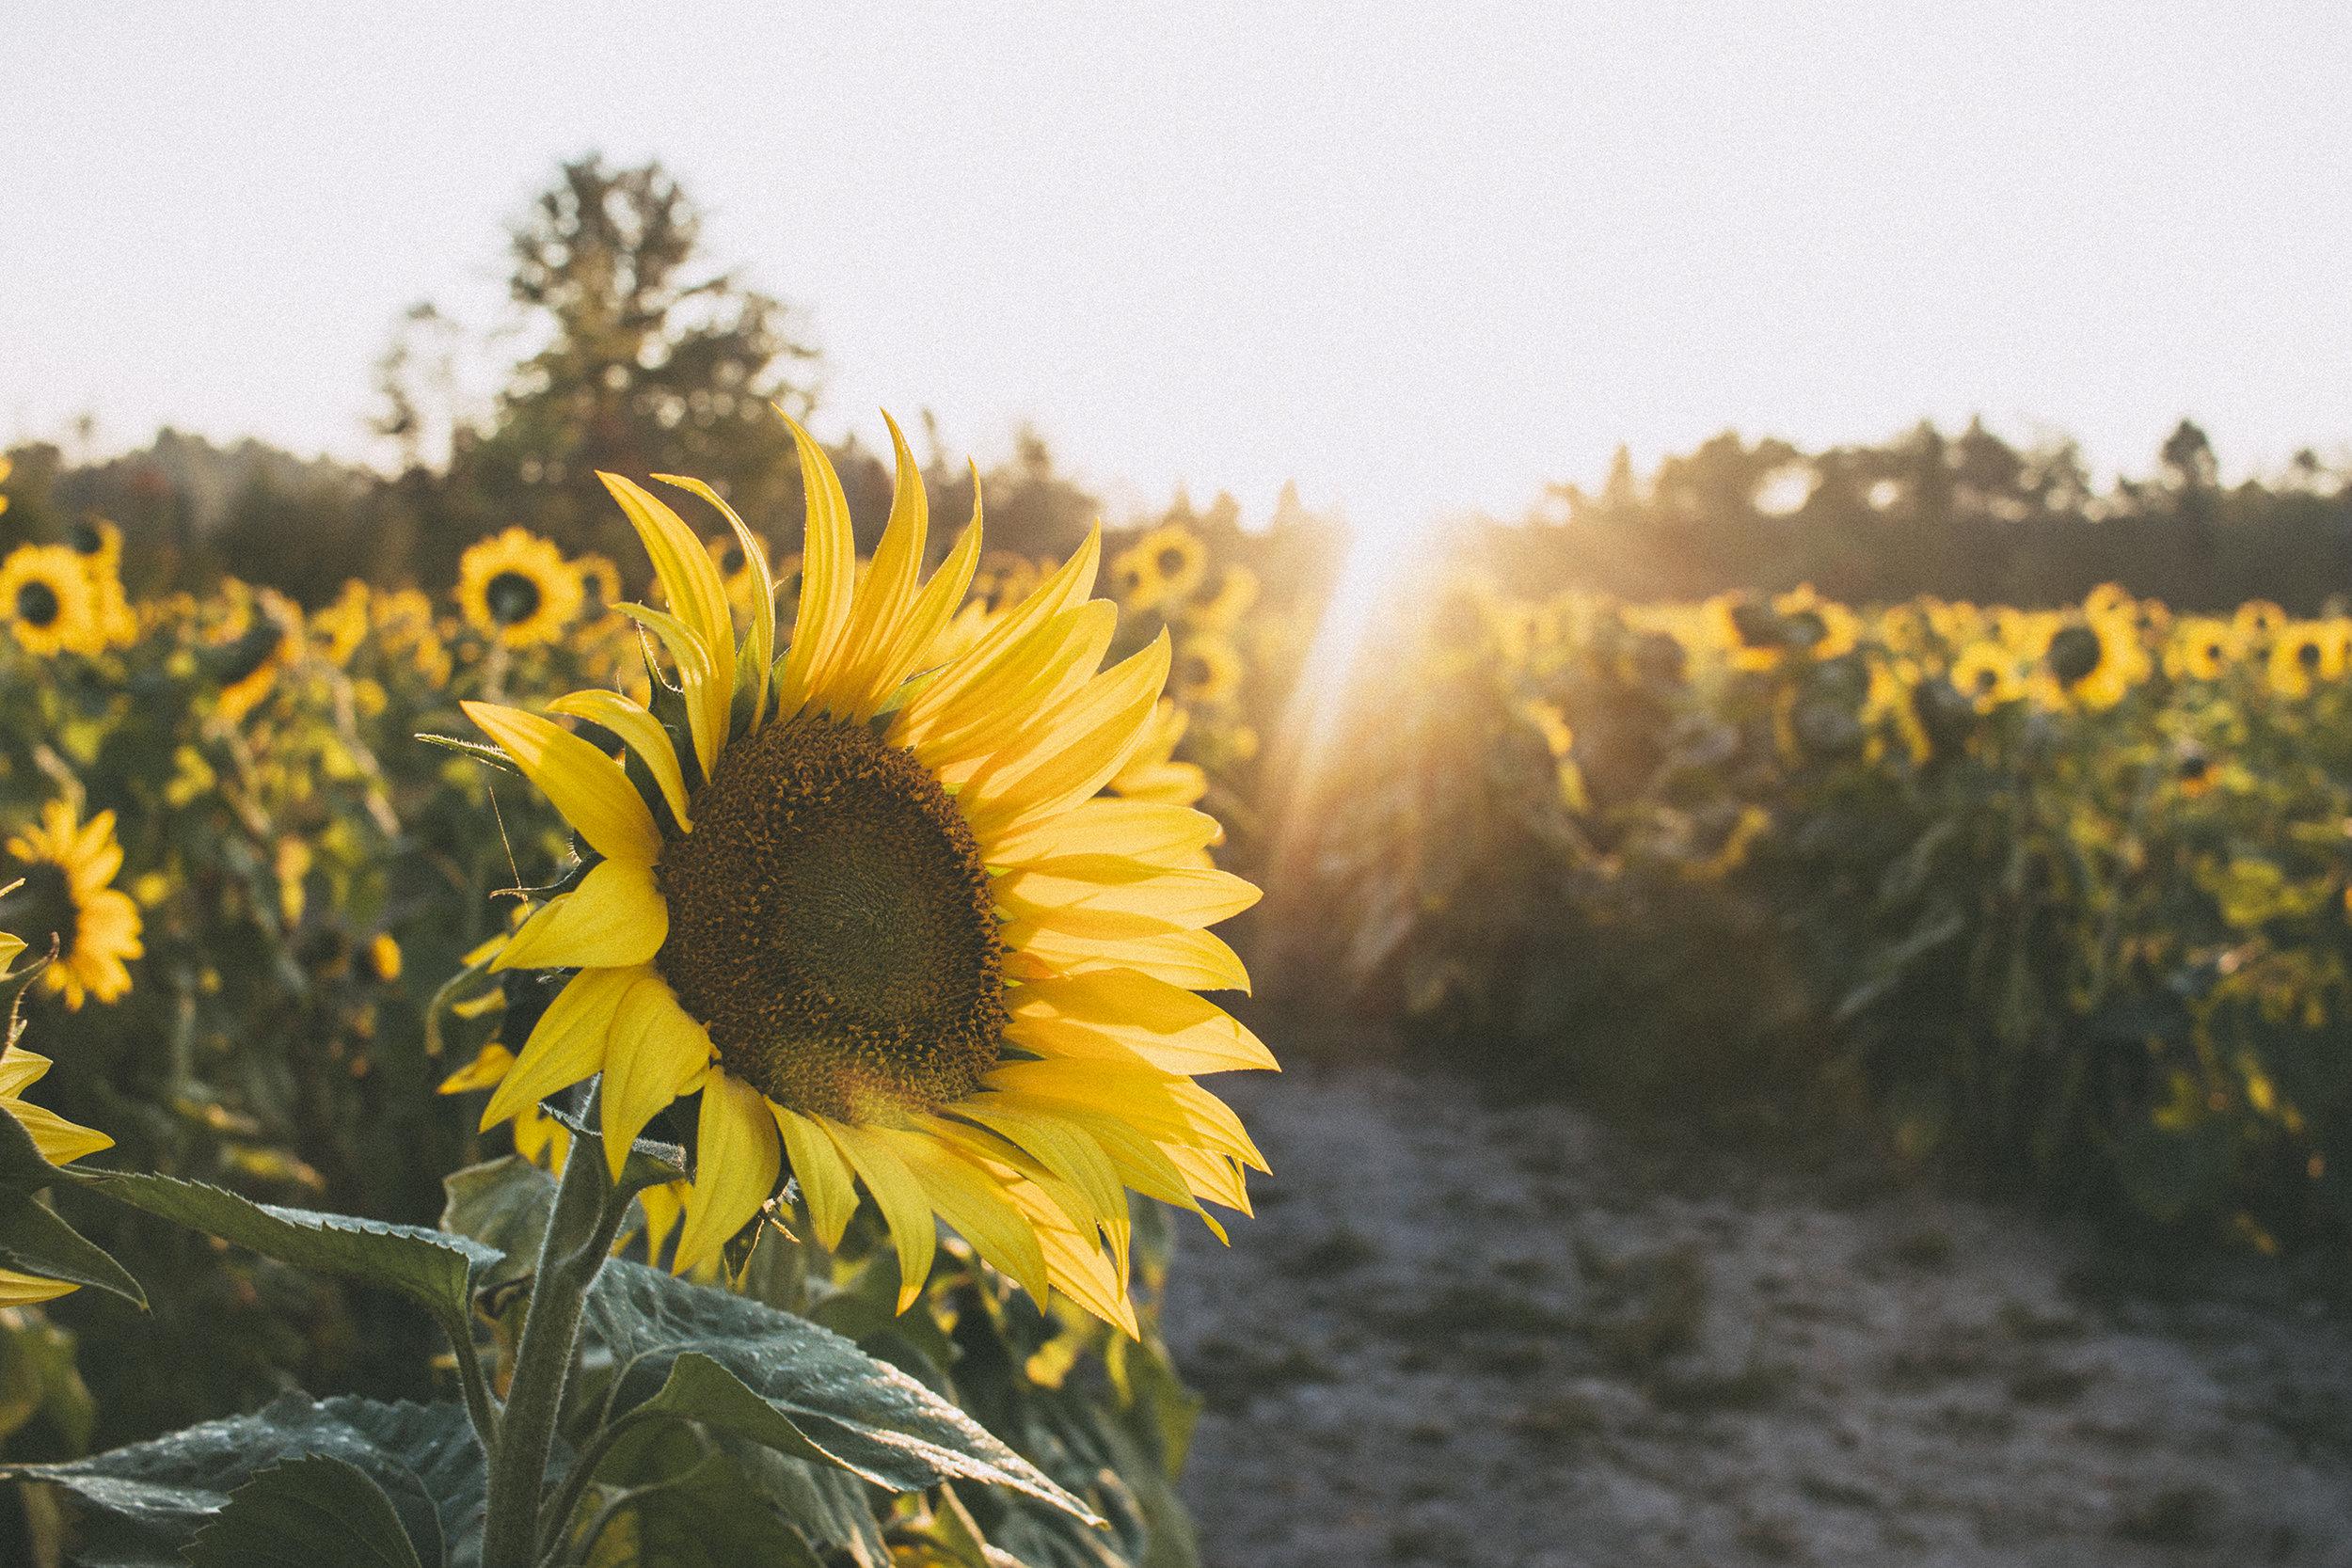 AvonOHSunflowers_09232017_200.jpg